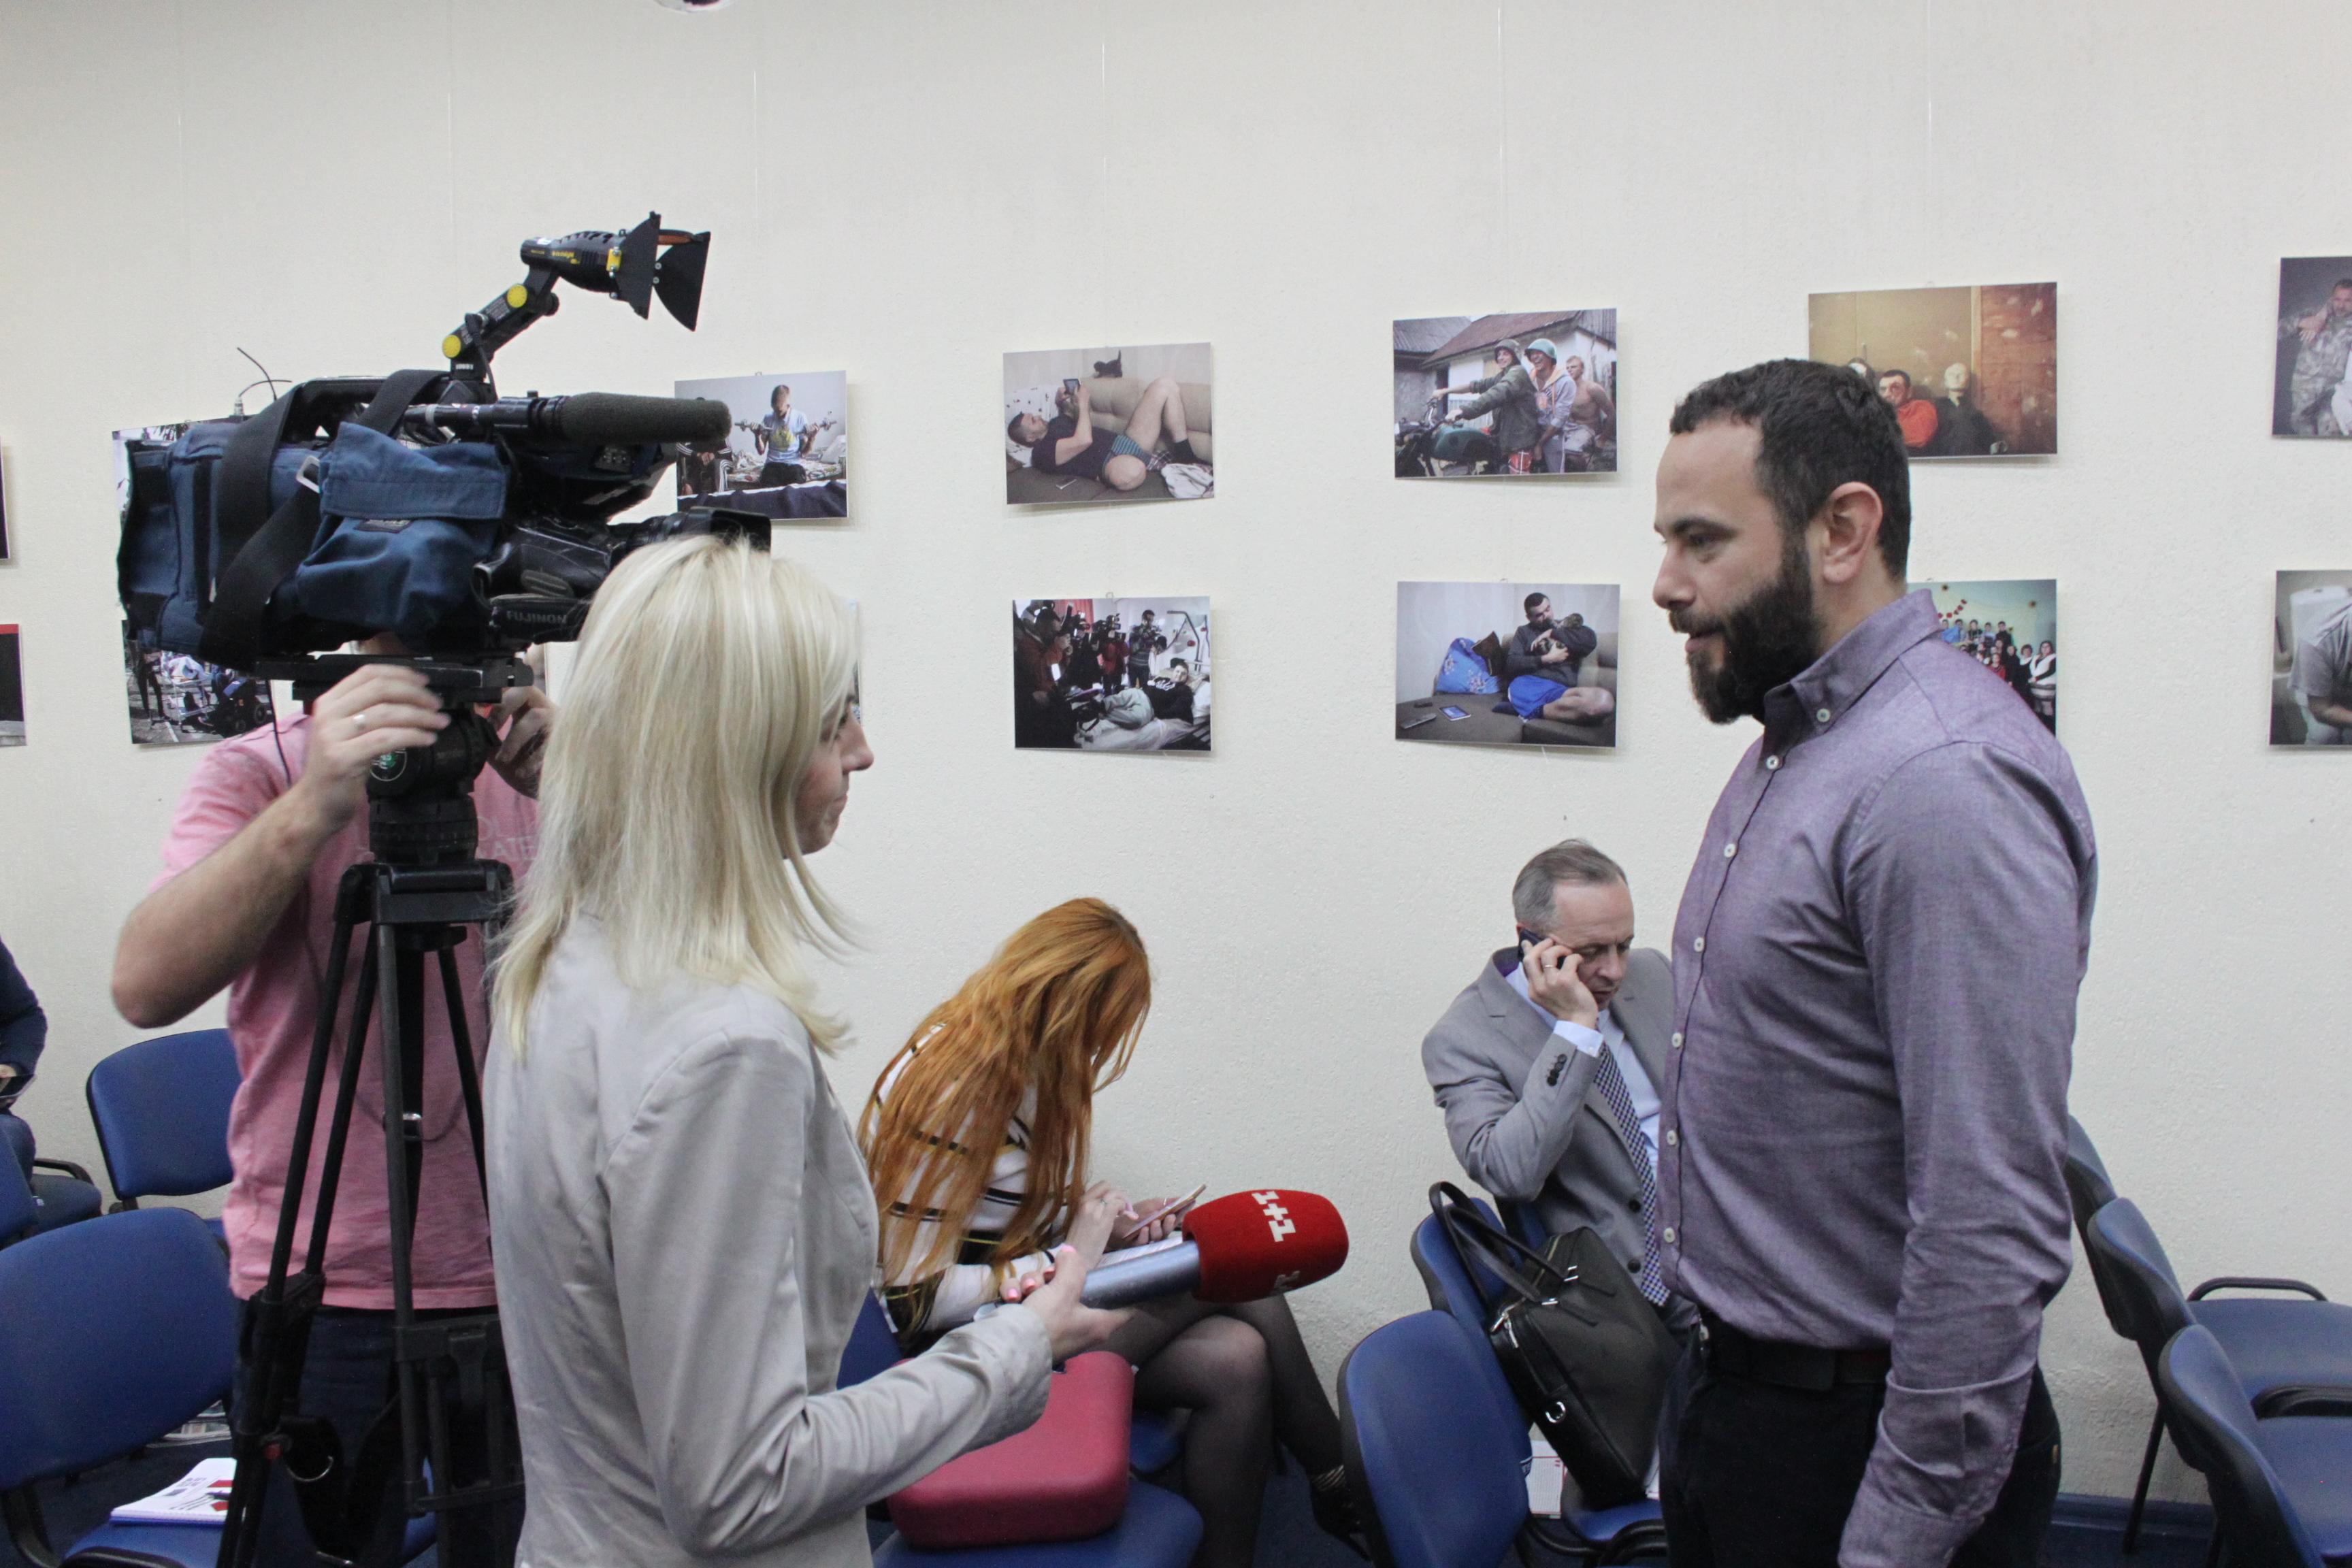 Ситуація з безпекою журналістів критична: як минули слухання в НСЖУ